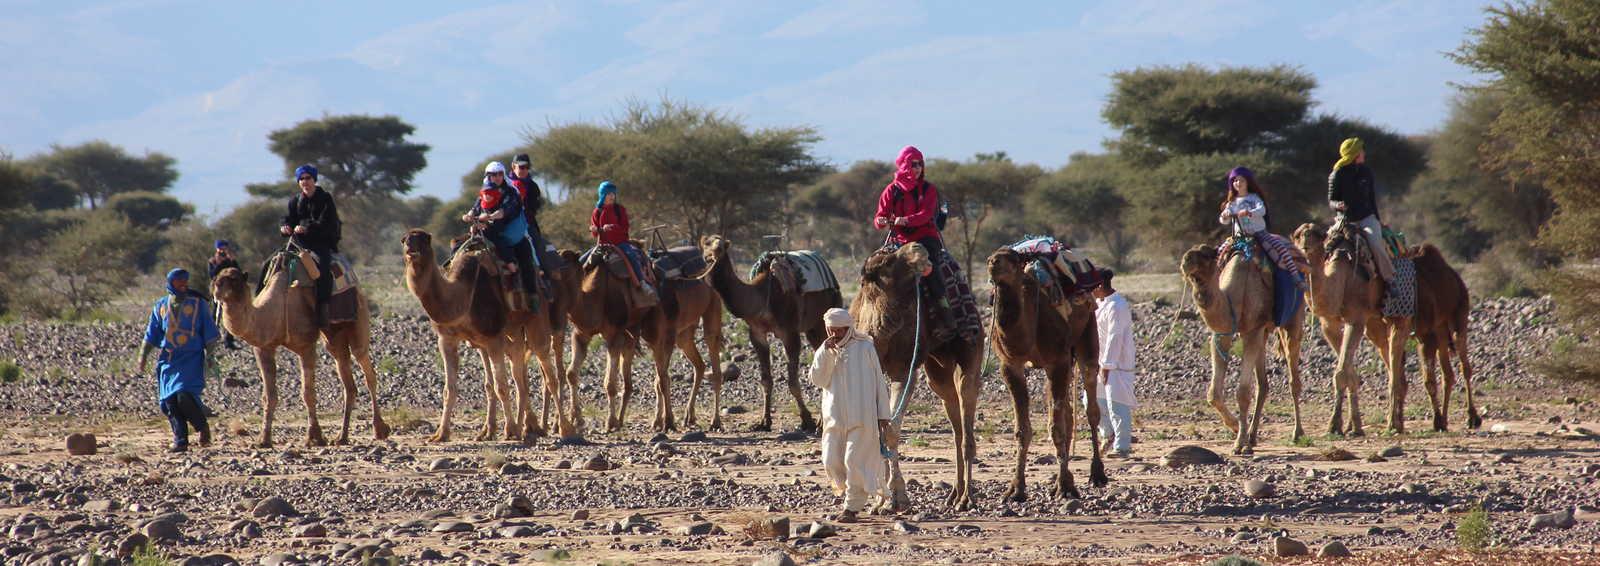 50-70% Rabatt die beste Einstellung bis zu 80% sparen Camels & Kasbahs Family Holiday